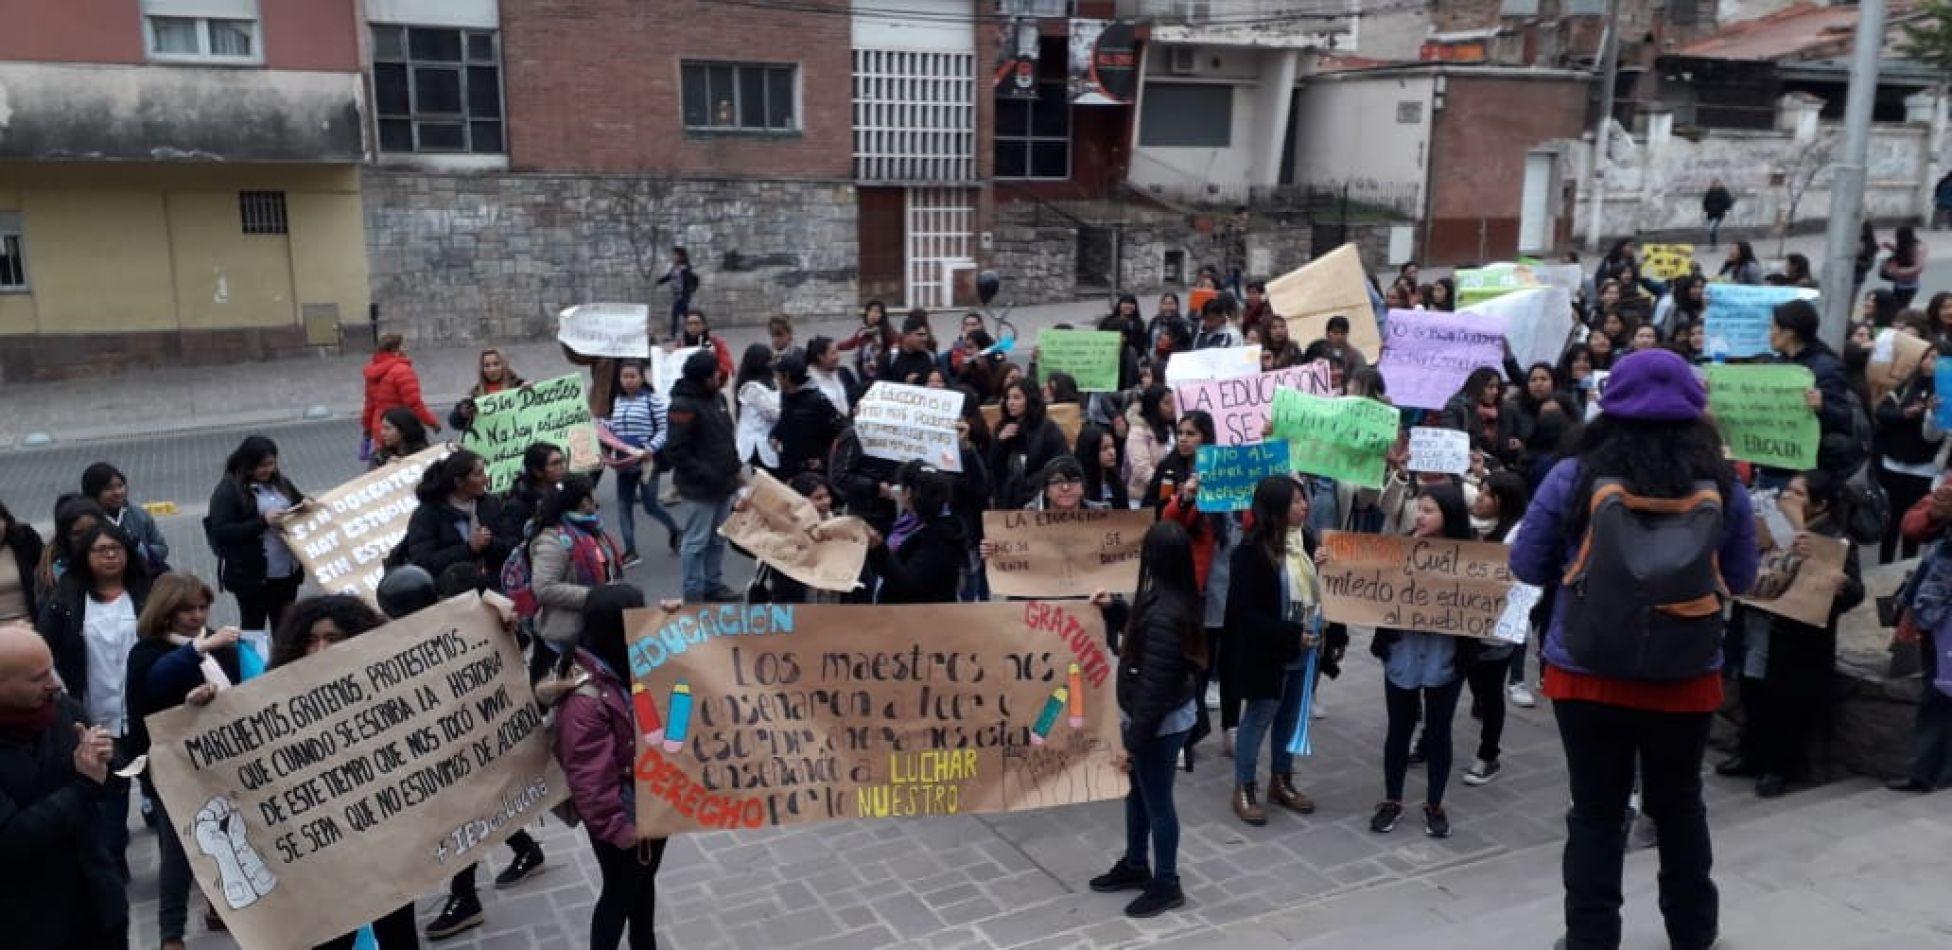 Marcha por los IES, los docentes agredidos en Chubut y contra el seguro obligatorio del ISJ